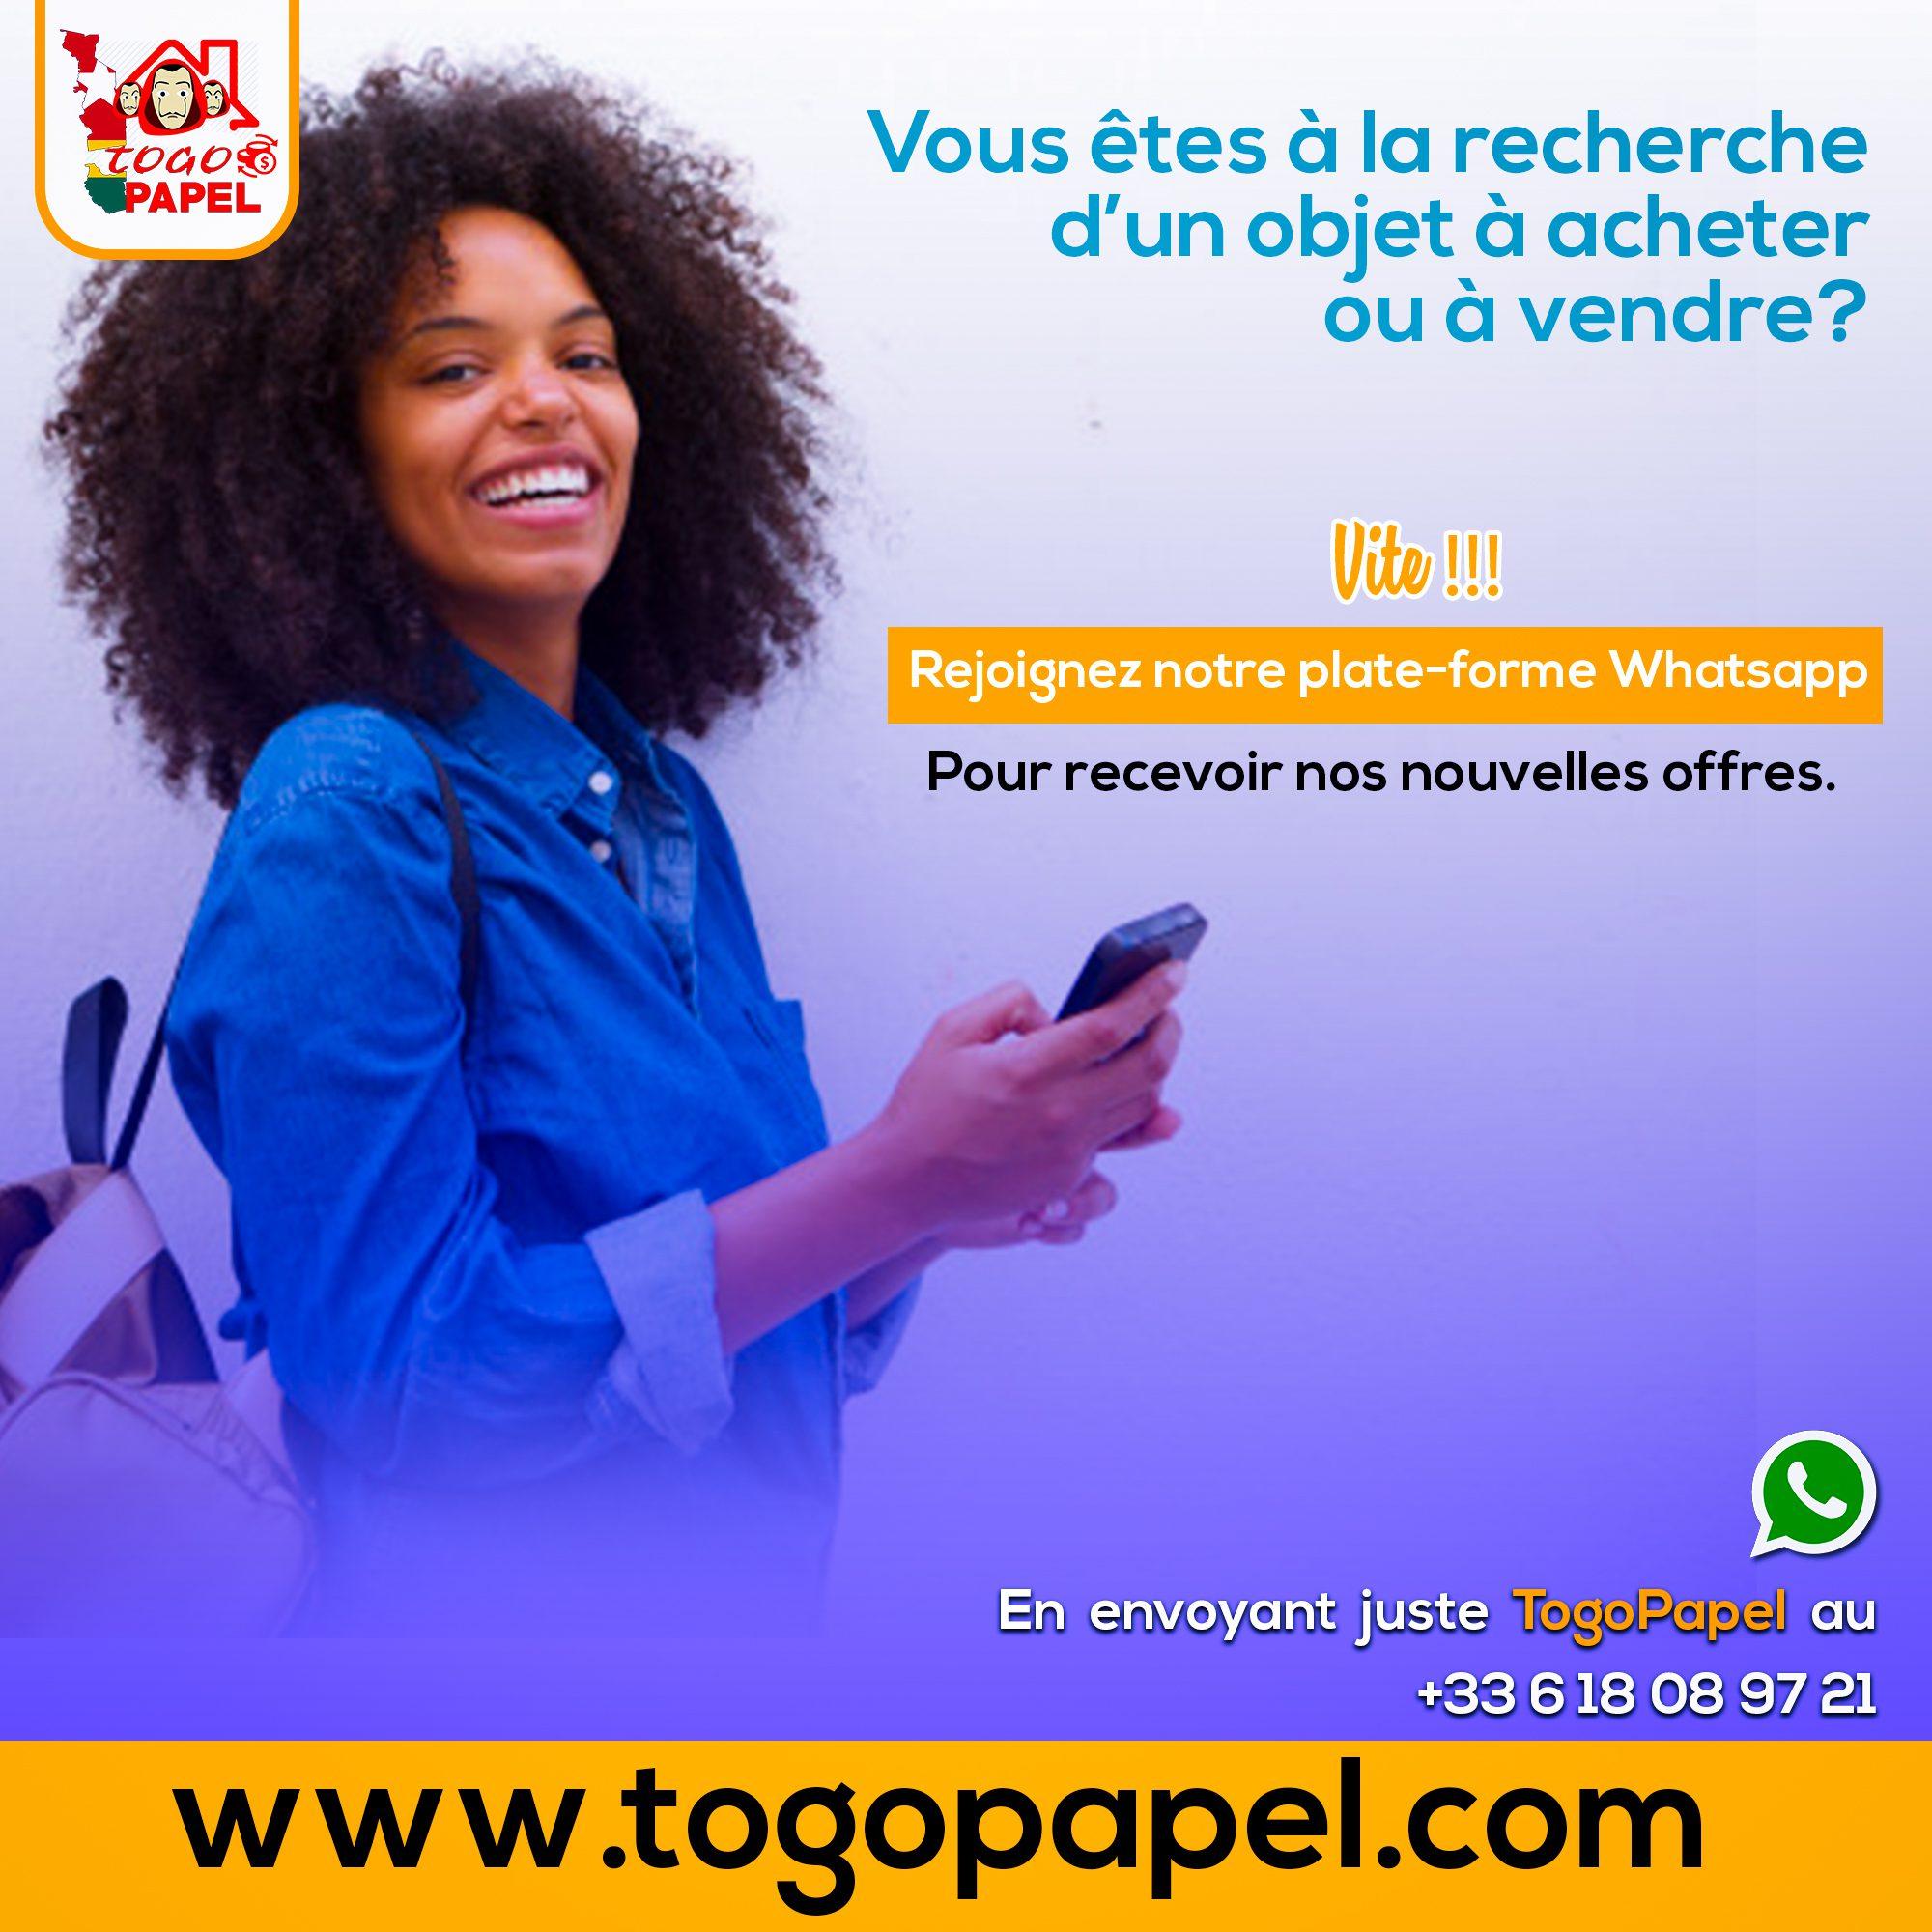 Togopapel.com est la plateforme de petites annonces par excellence au Togo.